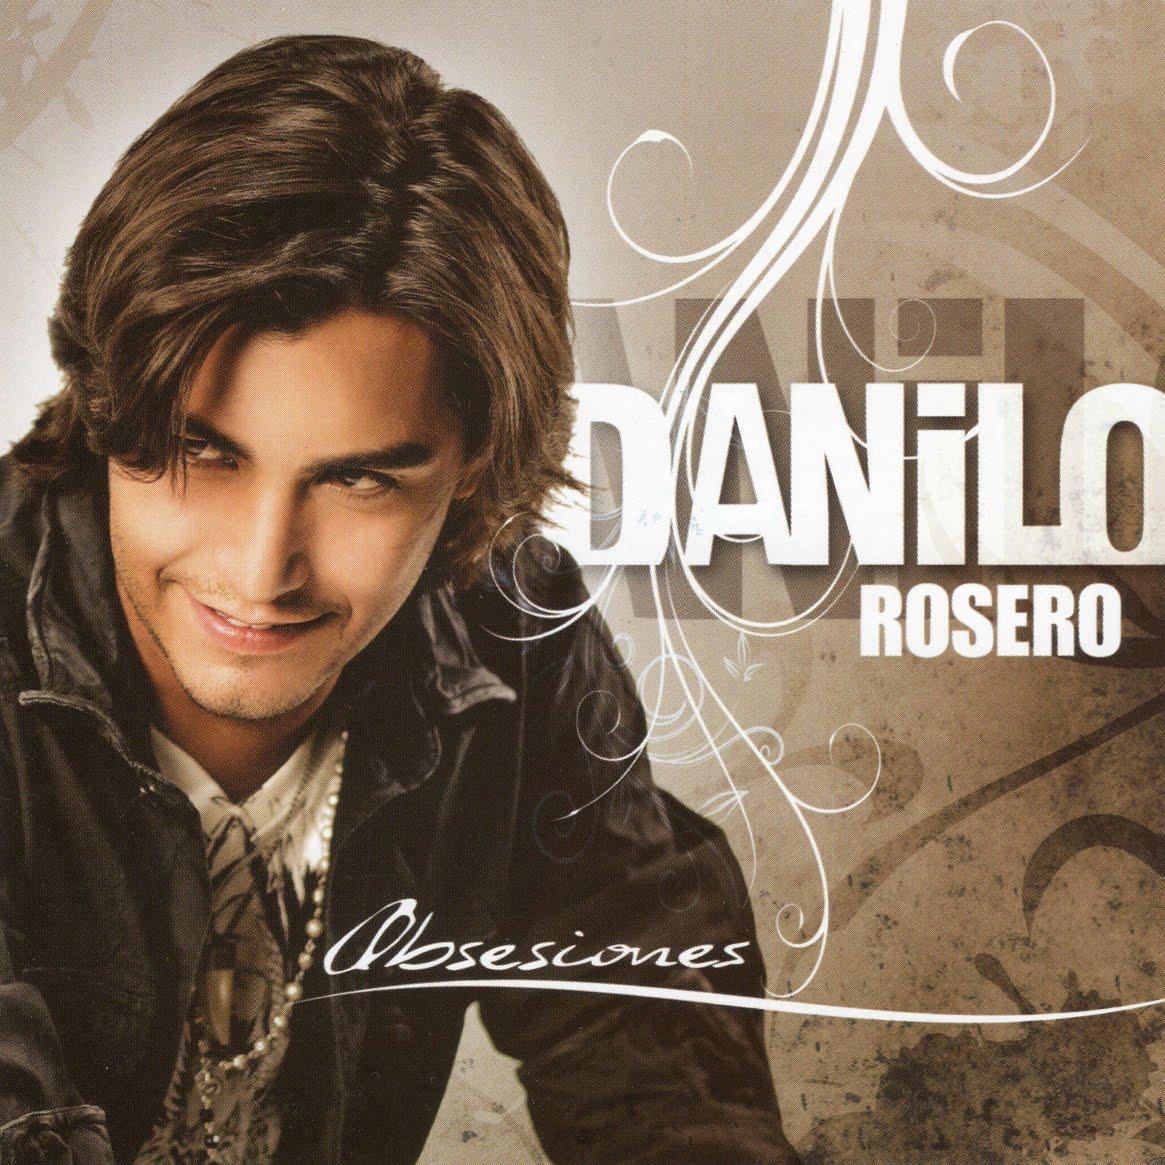 Danilo_Rosero_-_Obsesiones.jpg